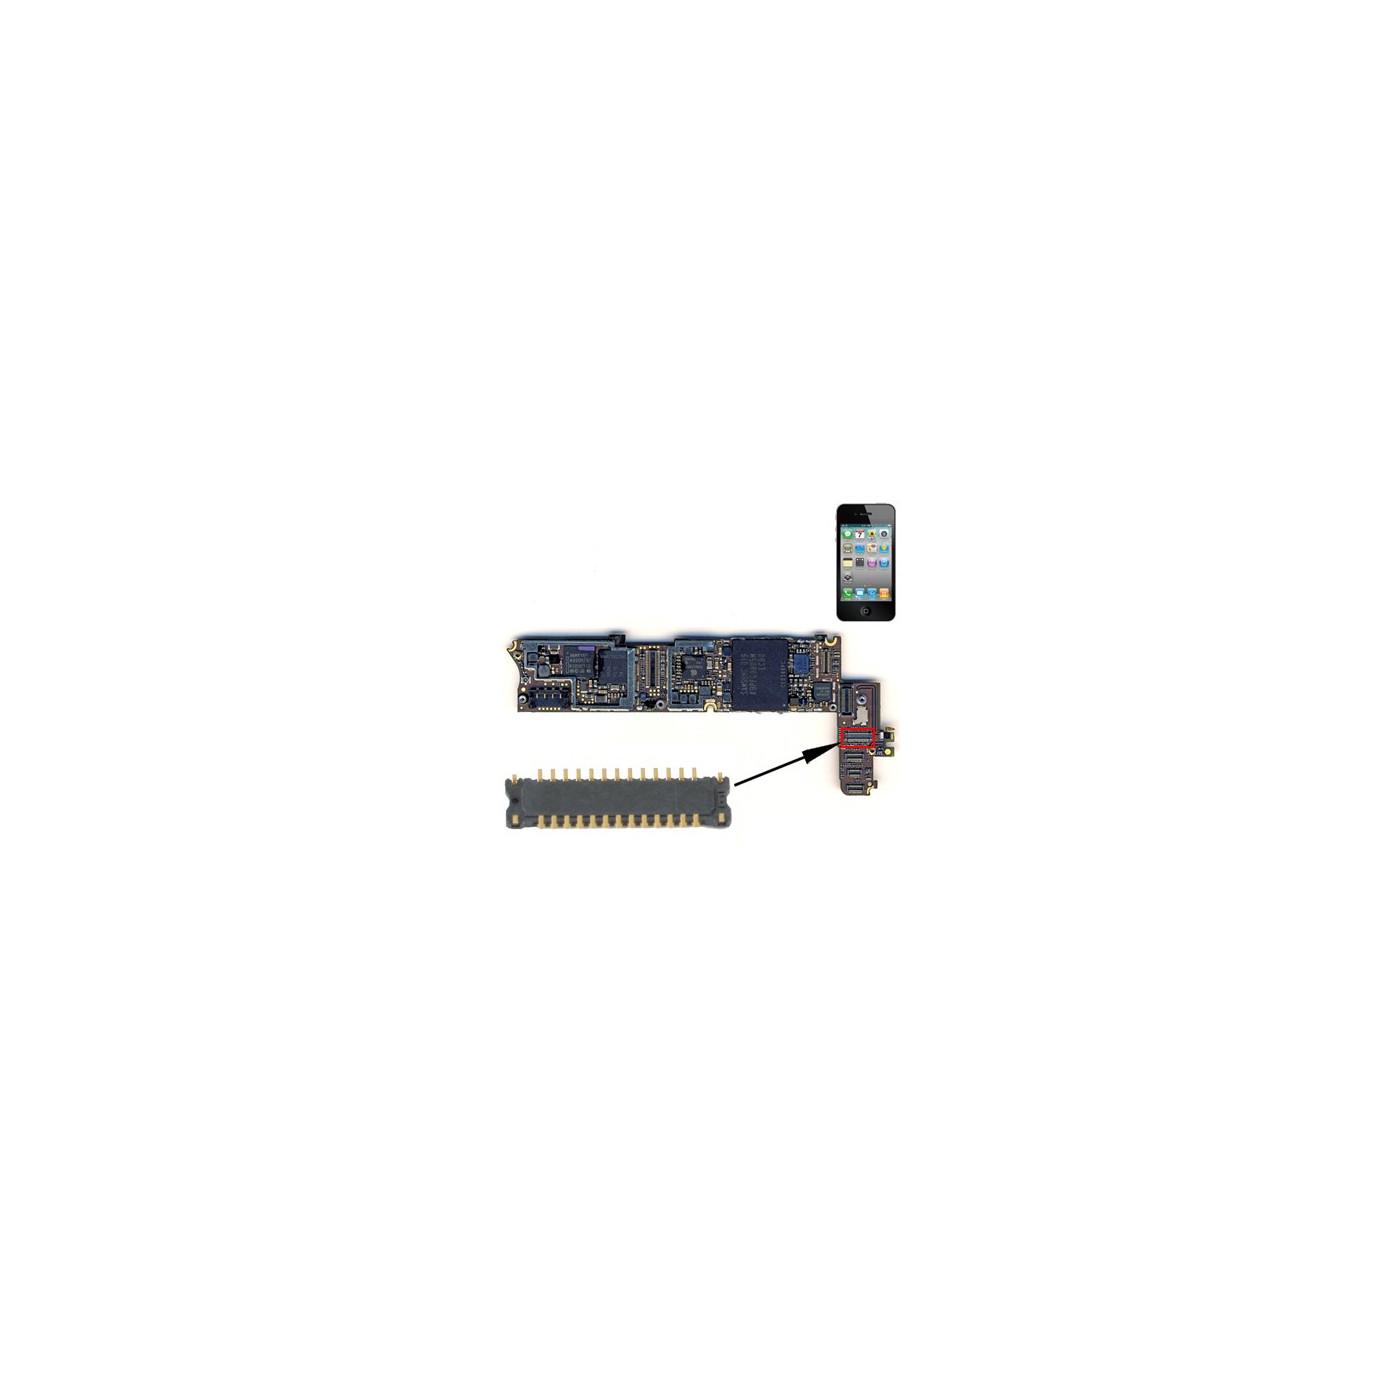 Conector FPC LCD para pantalla de iPhone 4 que se va a soldar